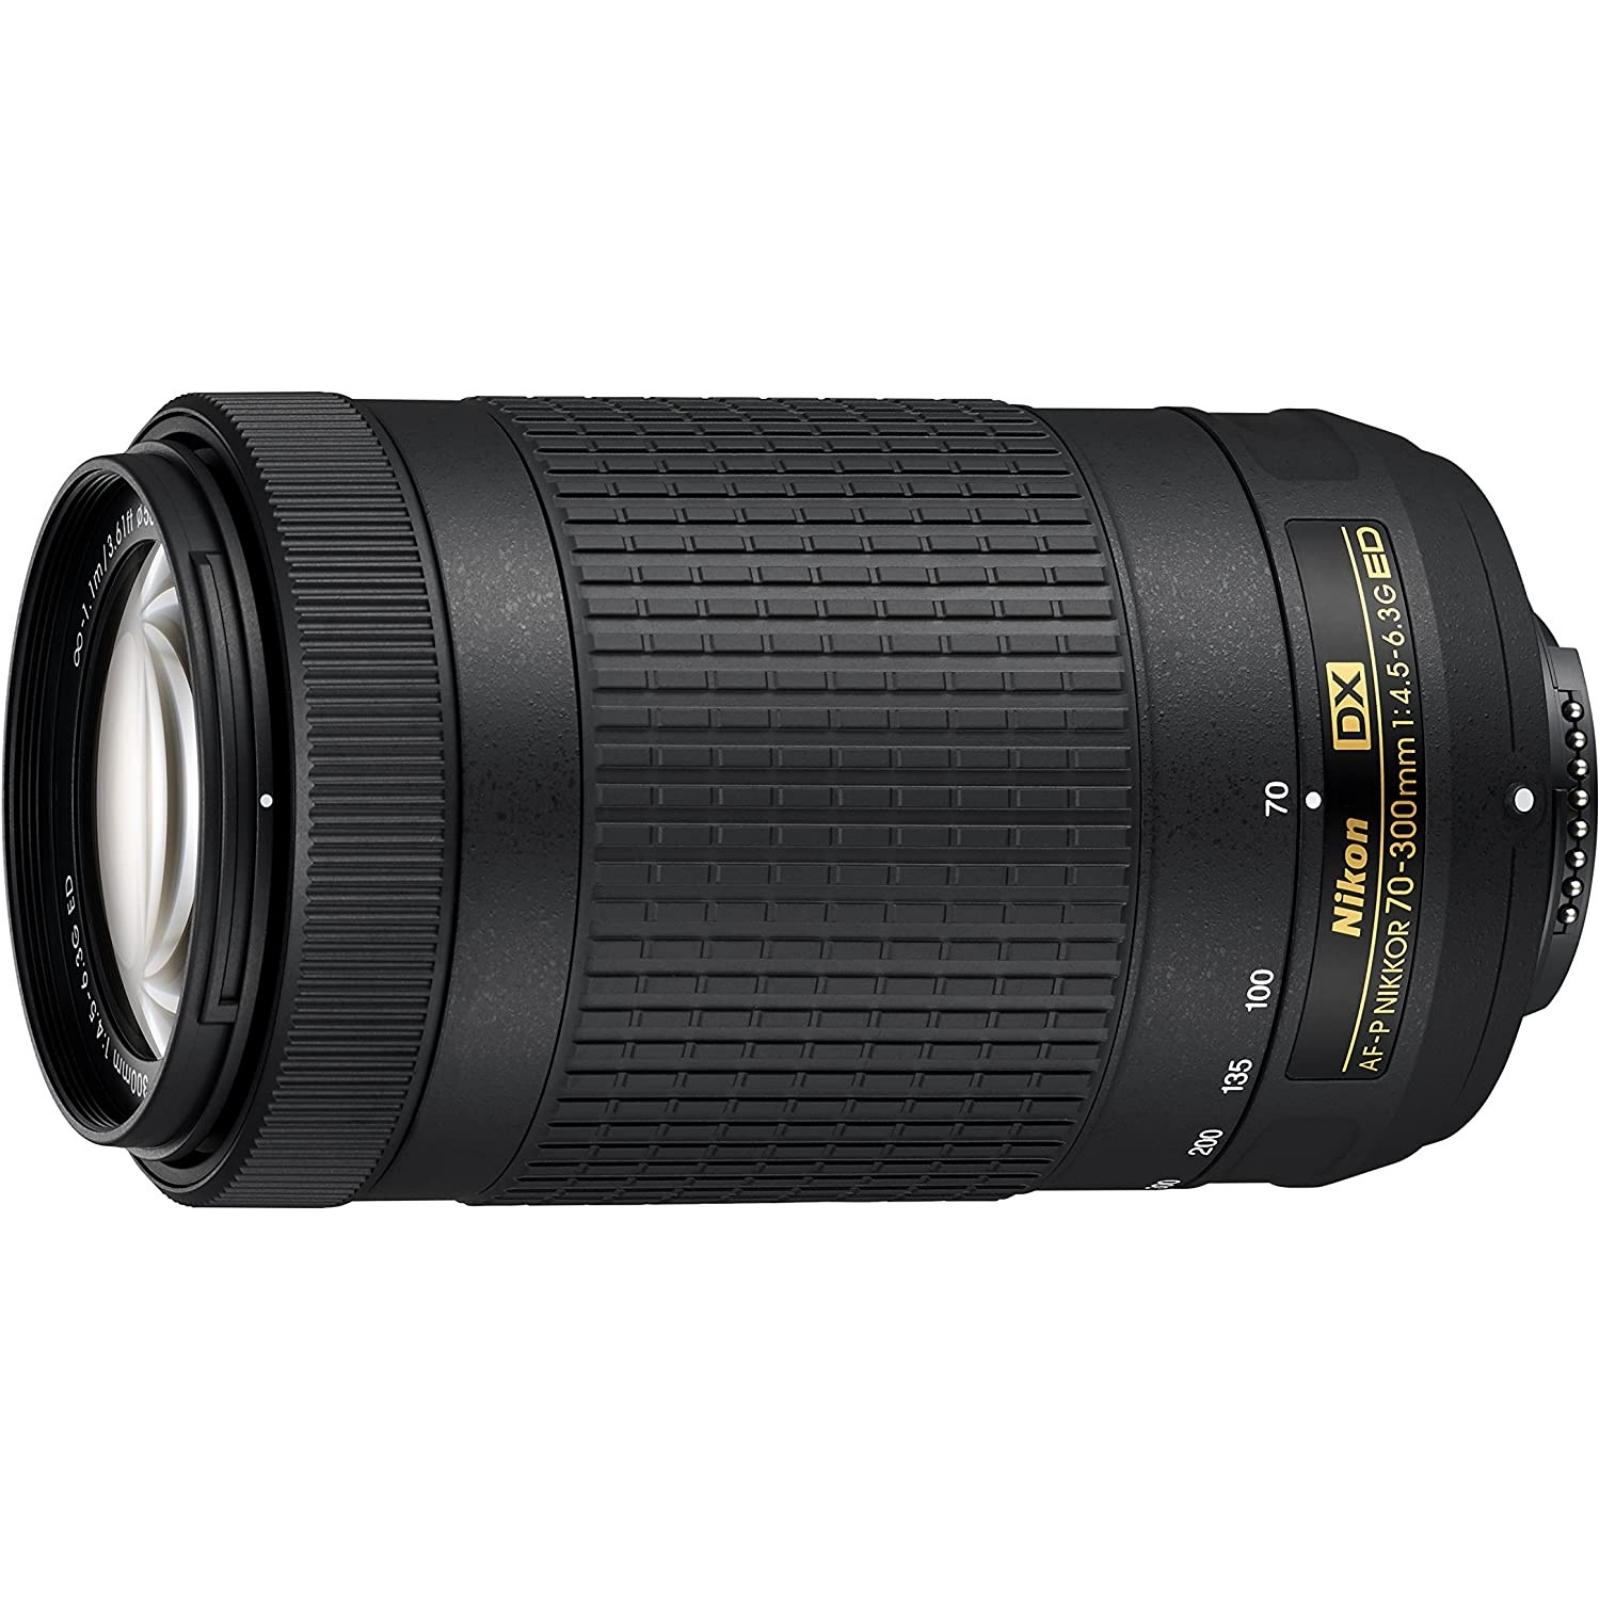 Nikon ニコン 望遠ズームレンズ AF-P DX NIKKOR 70-300mm f/4.5-6.3G ED(VRなし) ブラック 新品 (並行輸入品、保証付き)